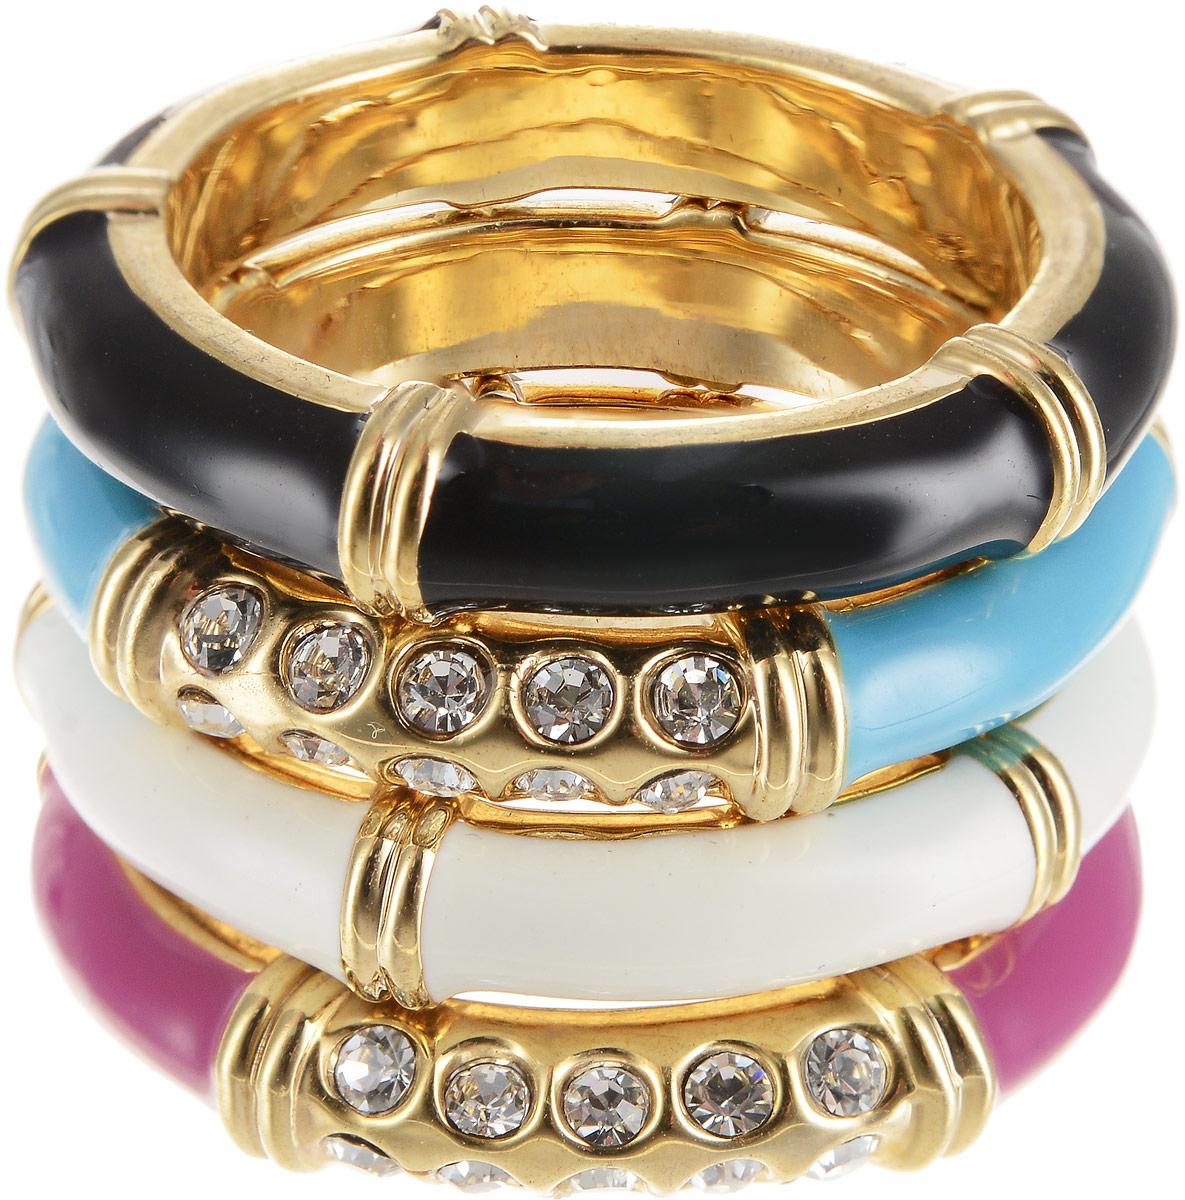 Кольцо Art-Silver, цвет: золотой, мультиколор. 00608-1154. Размер 17Коктейльное кольцоОригинальное кольцо Art-Silver выполнено из бижутерного сплава с гальваническим покрытием. Кольцо украшено декоративными вставками и состоит из нескольких частей, которые можно одевать в разном порядке.Элегантное кольцо Art-Silver превосходно дополнит ваш образ и подчеркнет отменное чувство стиля своей обладательницы.